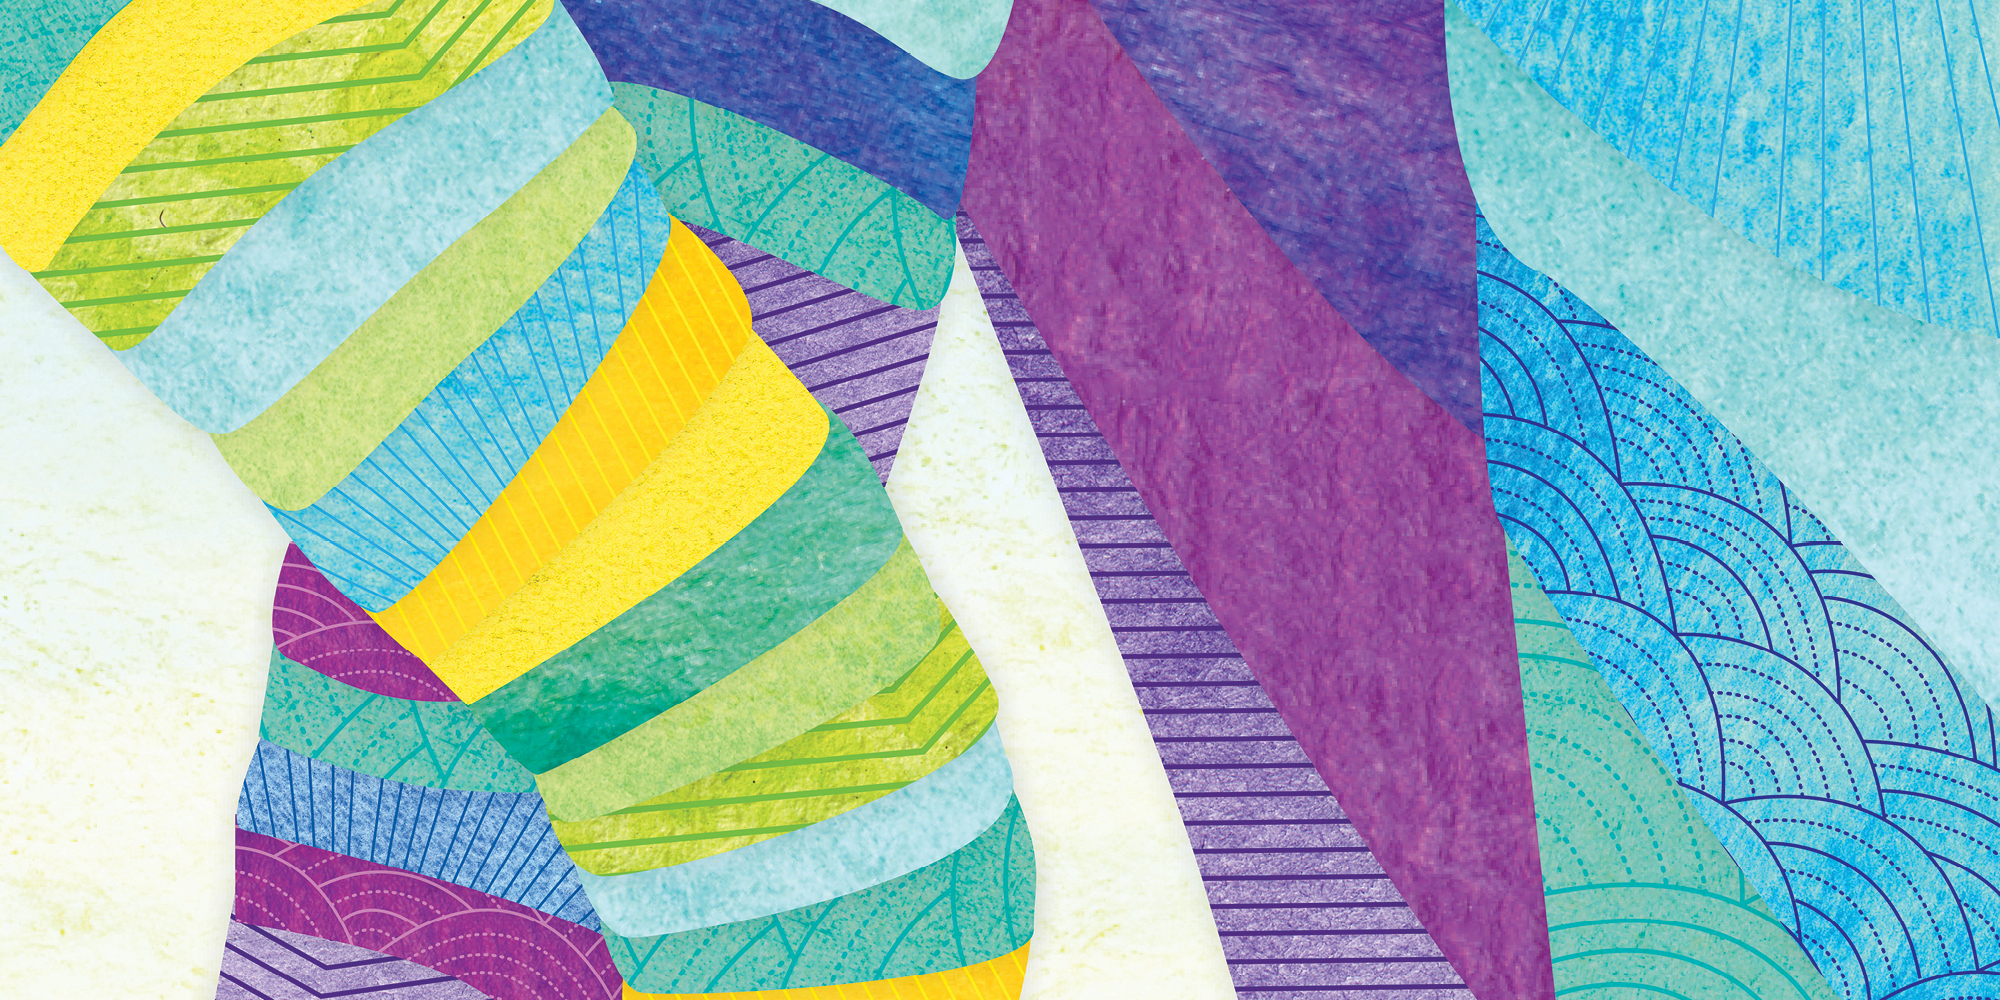 Shanti-sparrow-illustration15.jpg